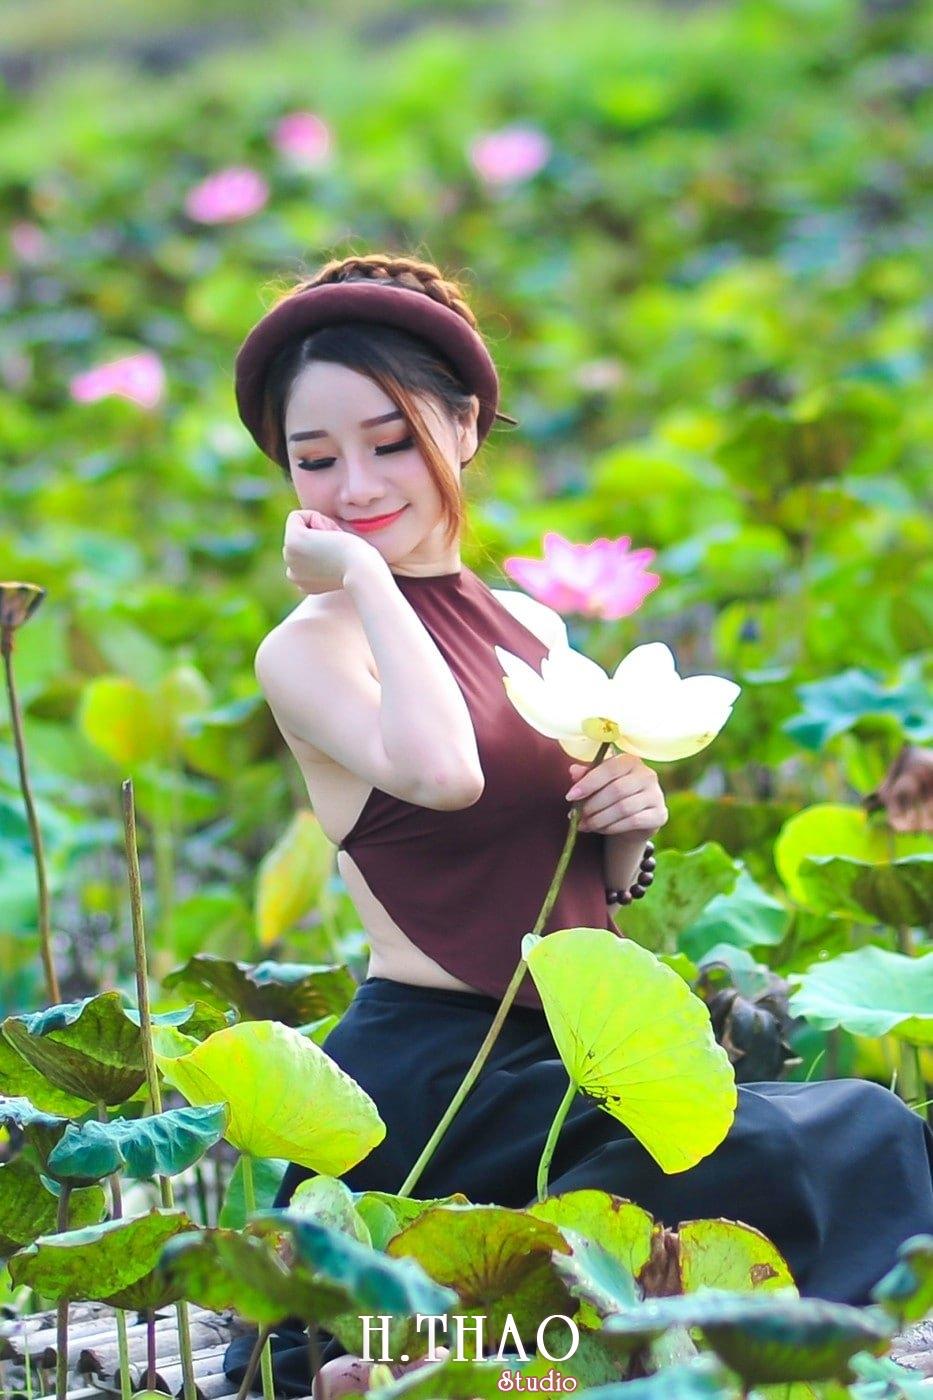 anh sen 12 - Thiếu nữ bên hoa sen - Model Ngọc Huyền